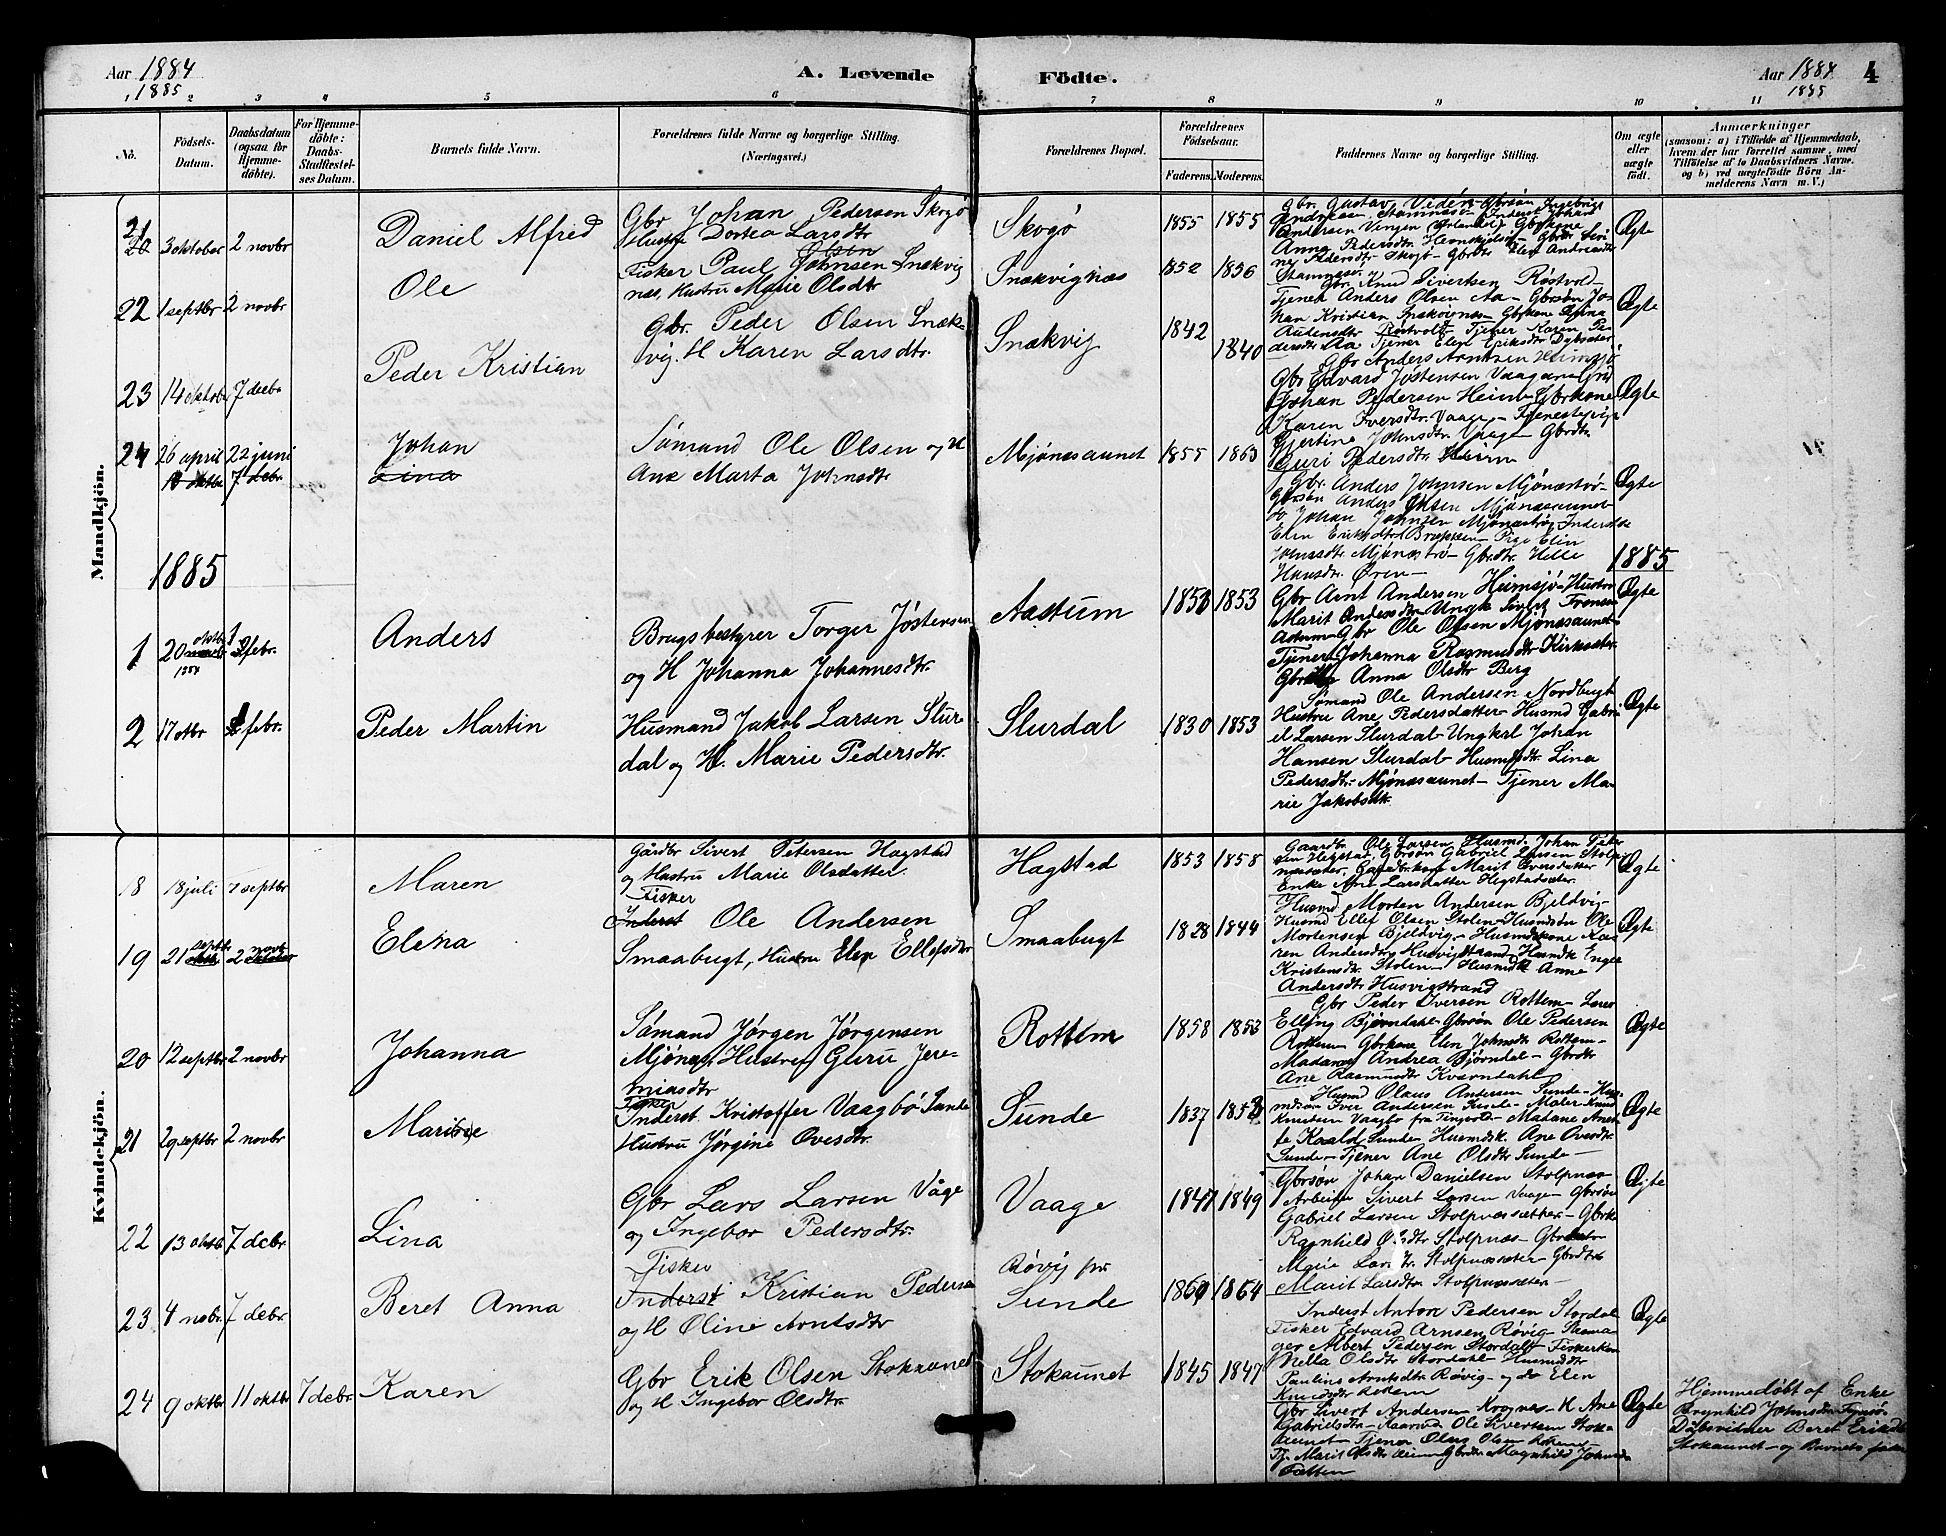 SAT, Ministerialprotokoller, klokkerbøker og fødselsregistre - Sør-Trøndelag, 633/L0519: Klokkerbok nr. 633C01, 1884-1905, s. 4